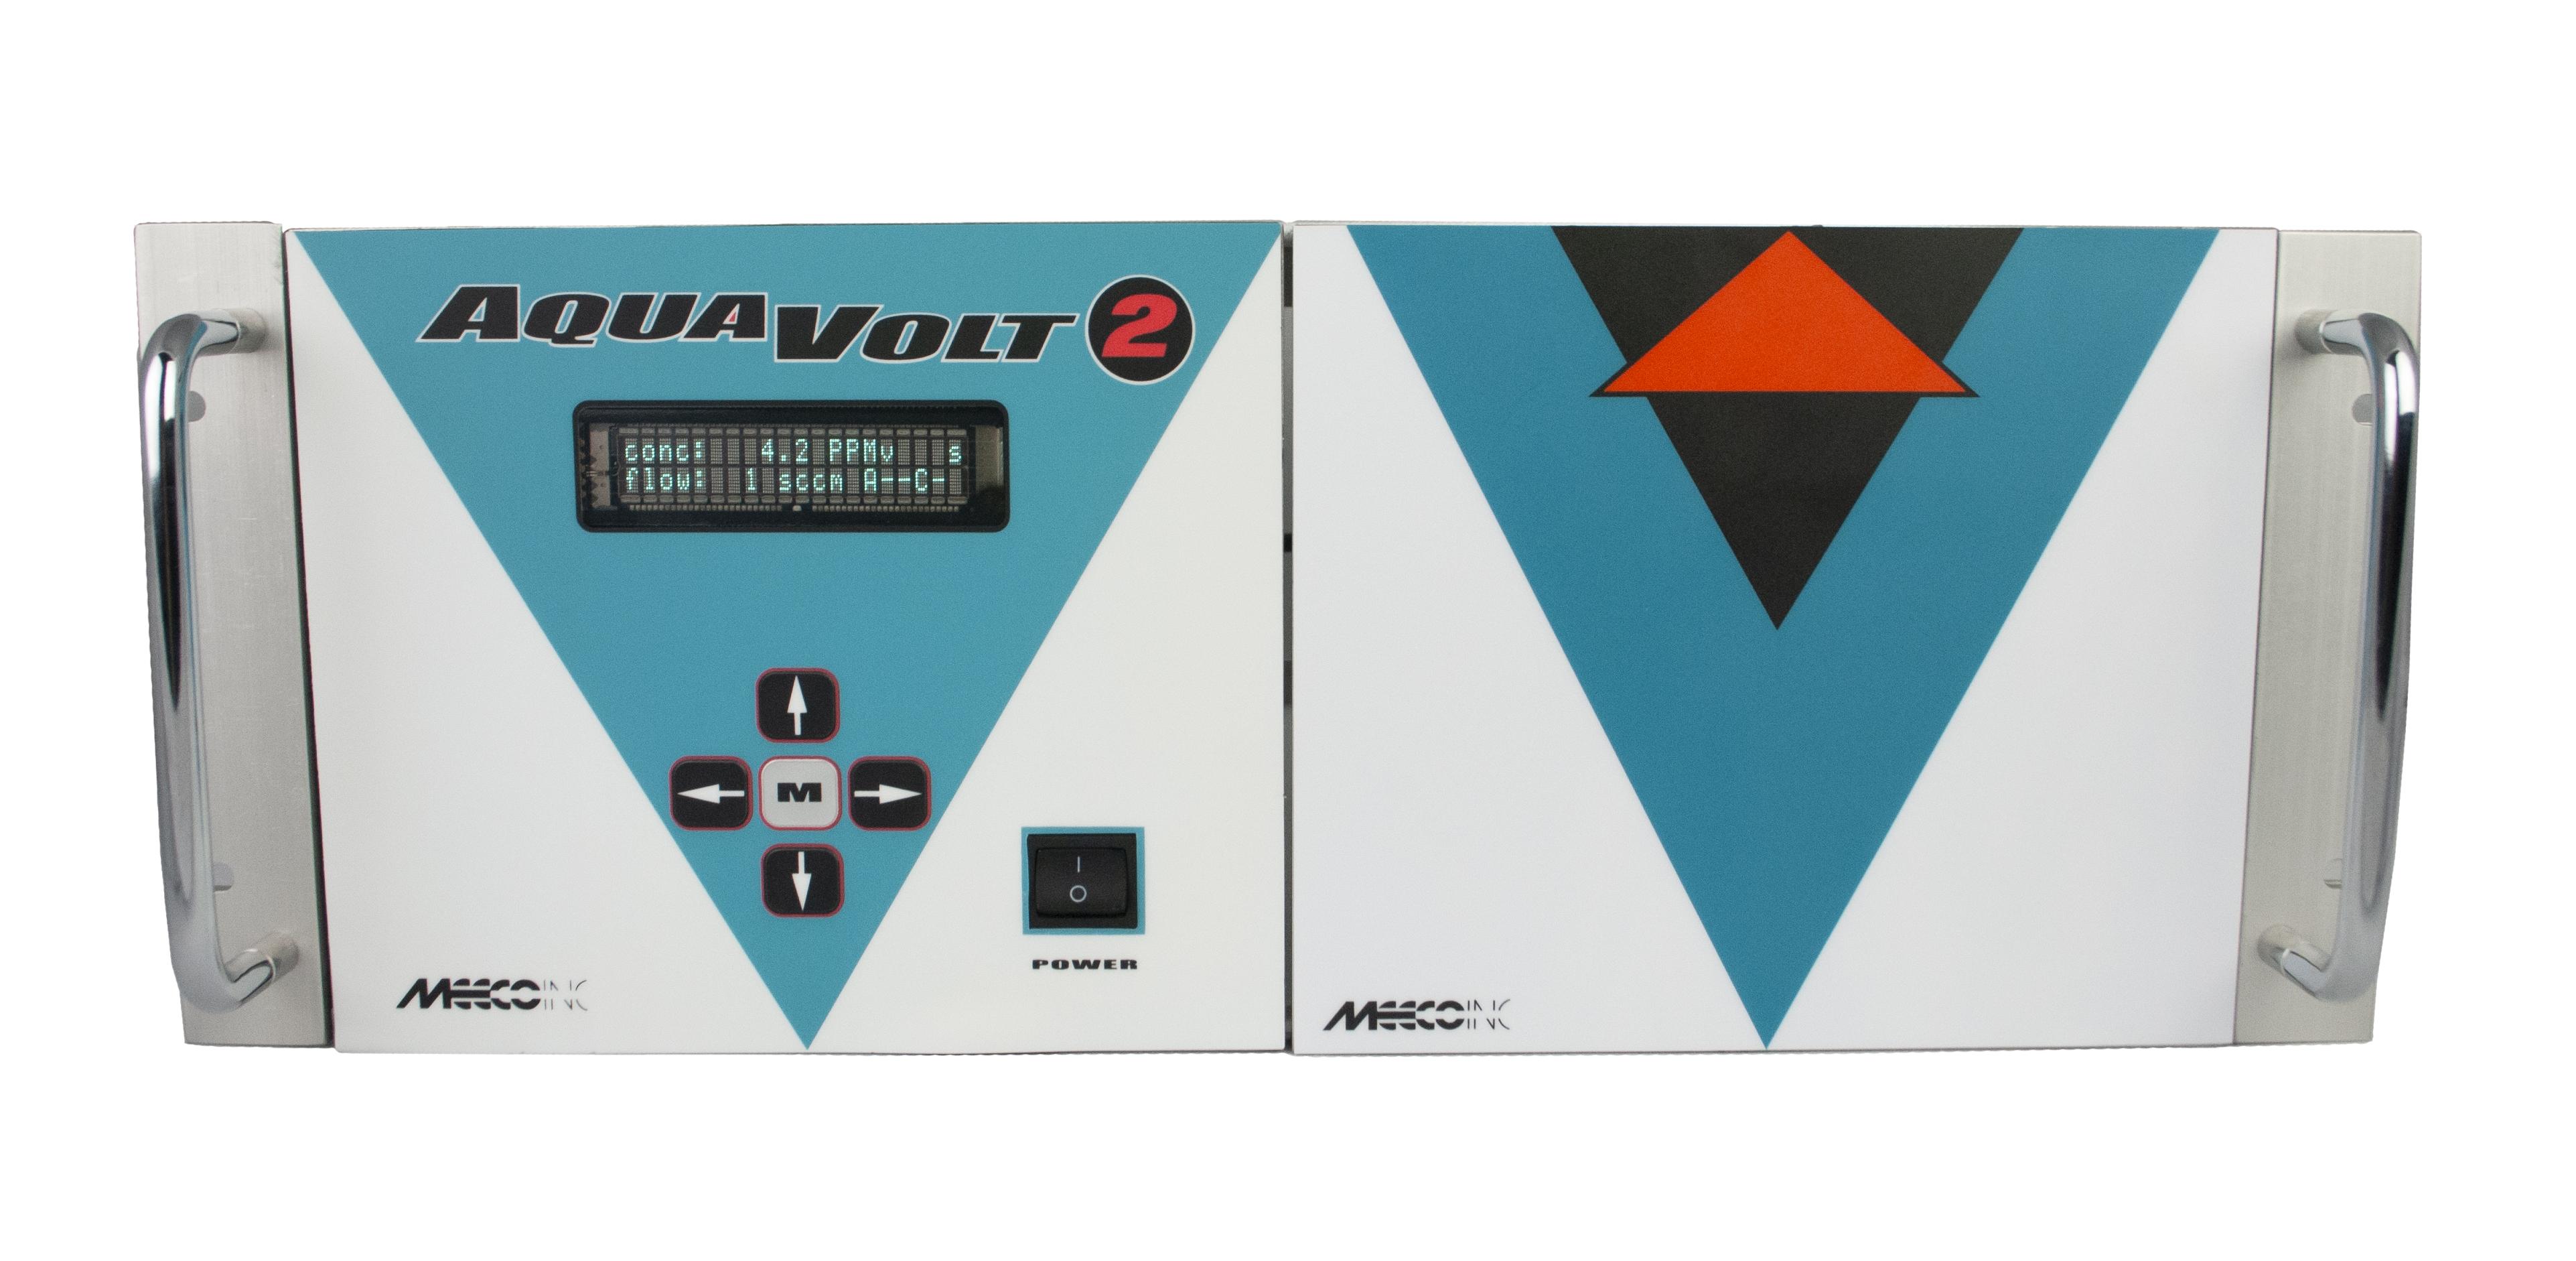 AquaVolt 2